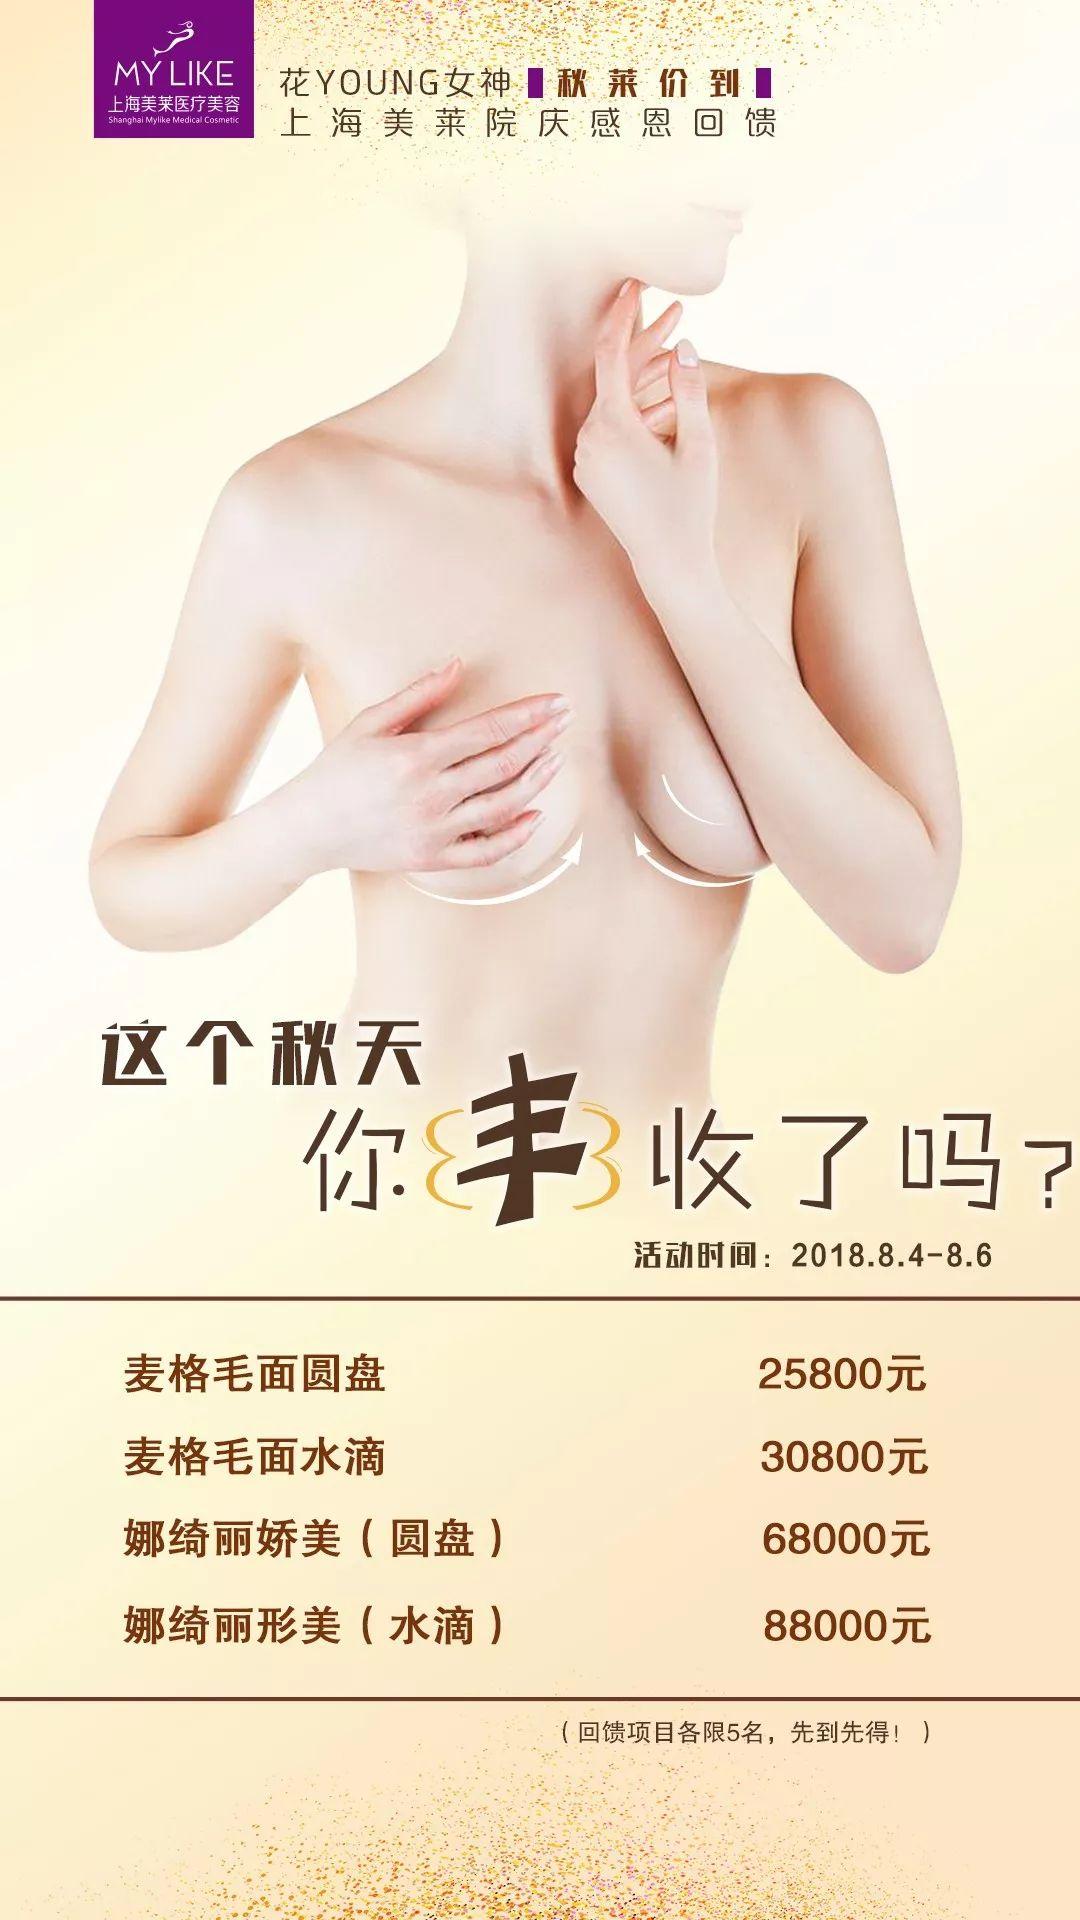 上海美莱假体丰胸的维持时间久吗